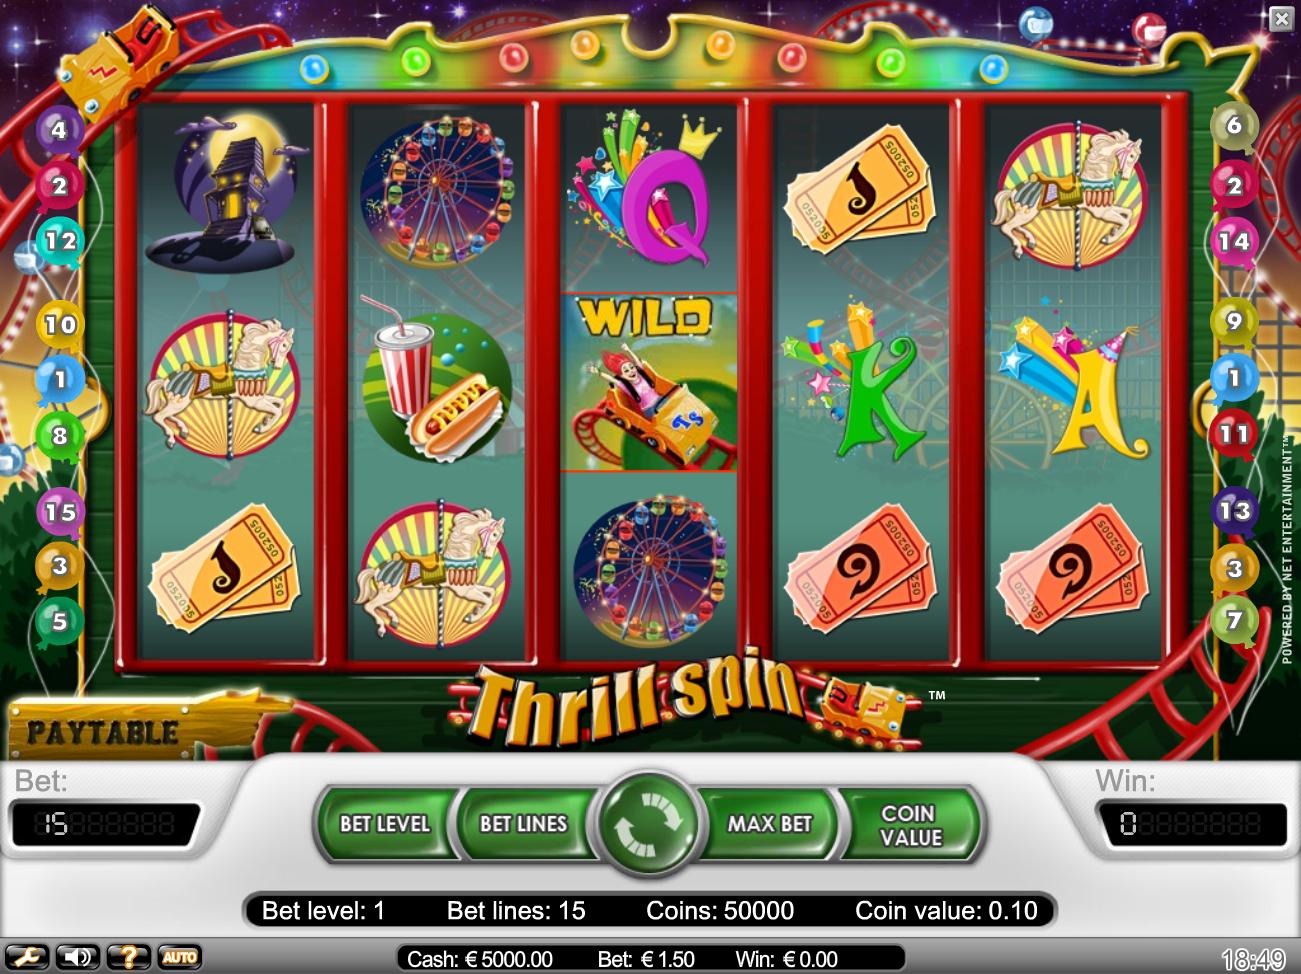 Скачать игровые автоматы - 360 слотов и другие азартные игры.